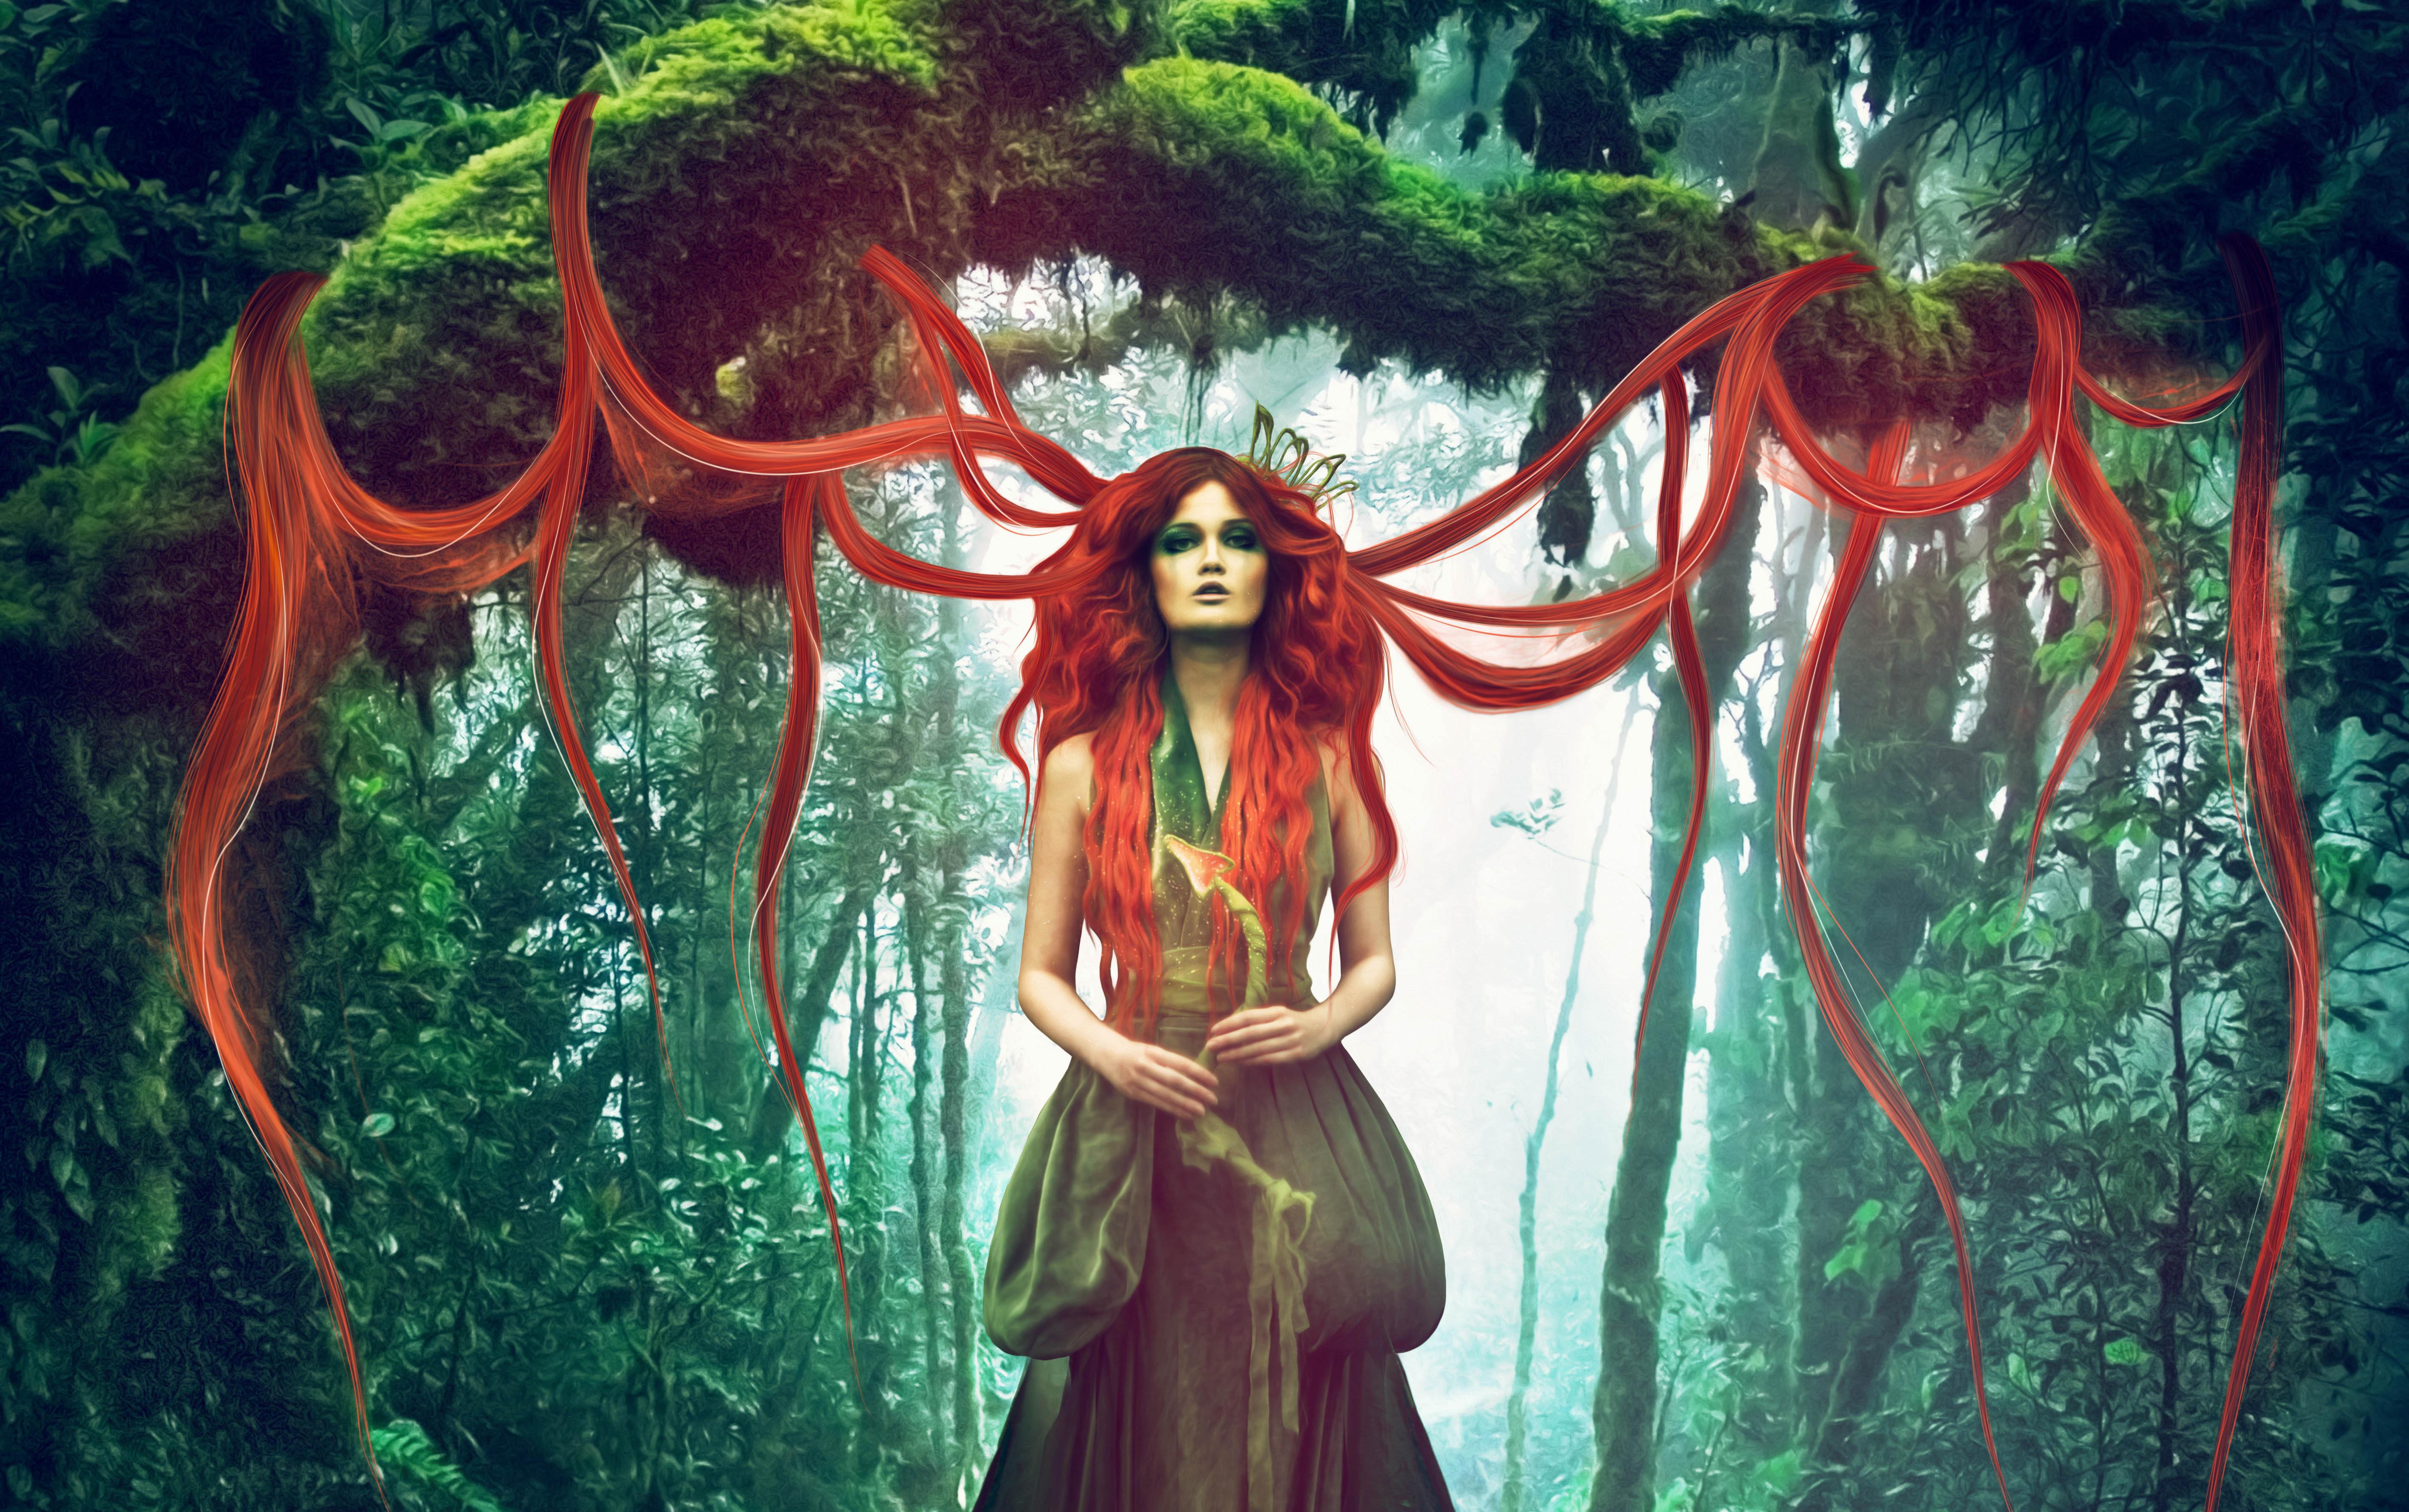 Девушка дерево улыбка лес Girl tree smile forest бесплатно